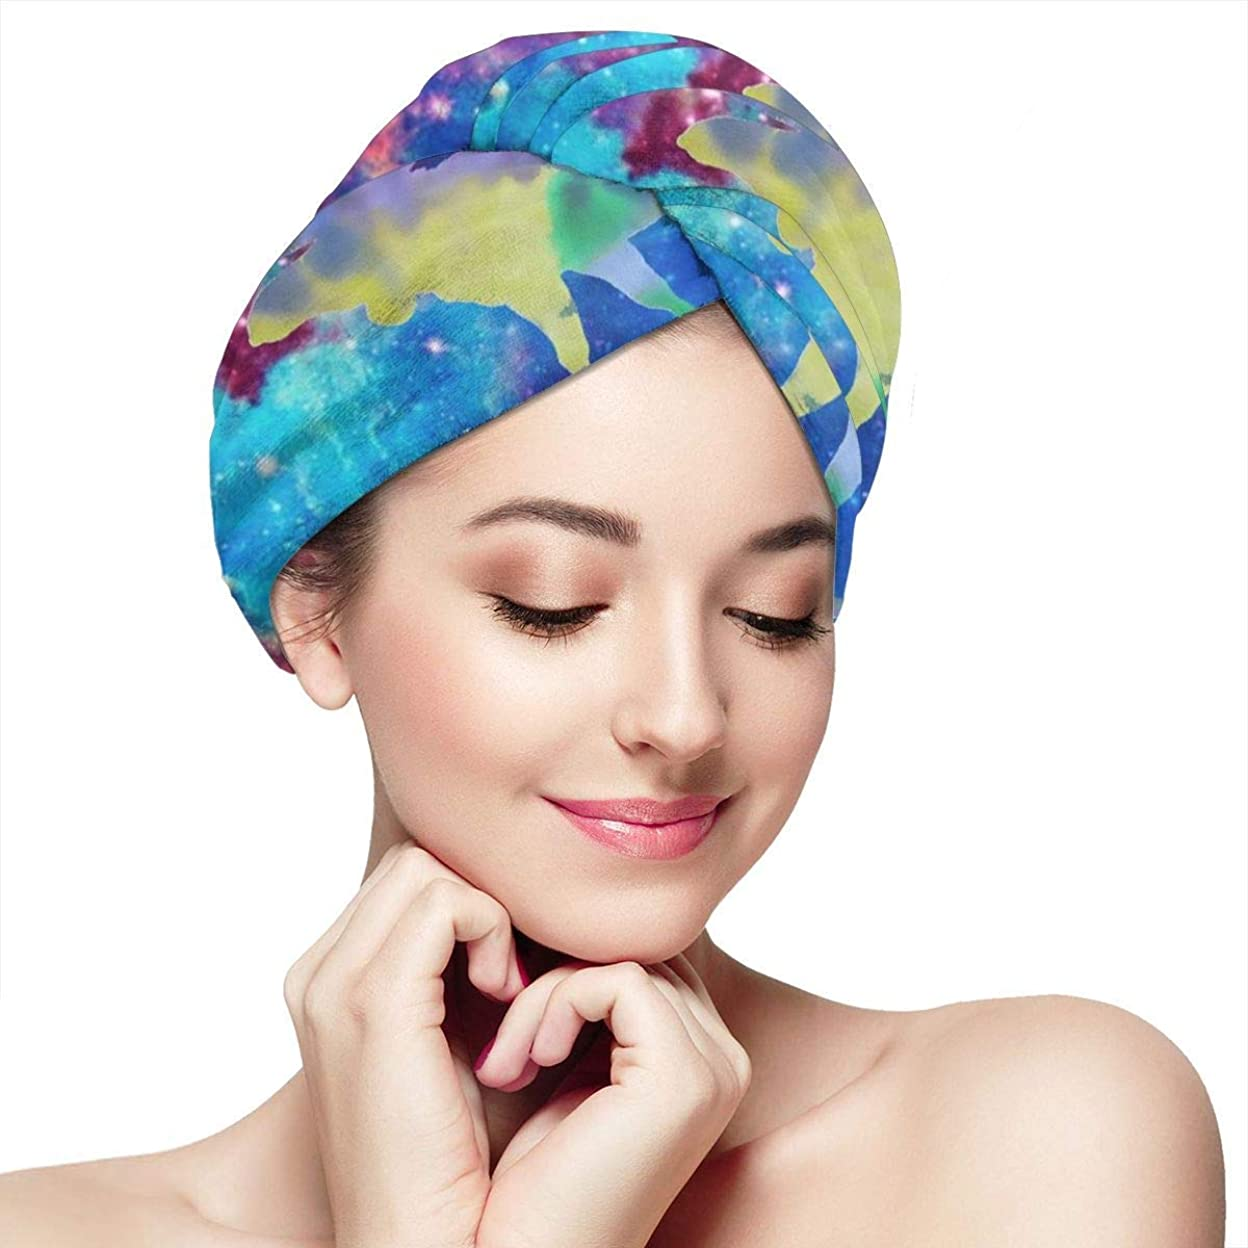 準備するとは異なりあたり潮干しの中で髪を乾かすタオルクラッシュしたラップターバンバスシャワーヘッドタオル女性のためのクイックマジックドライヤーハット吸収性すばやく帽子カーリーハンズフリーの髪のための反縮れ